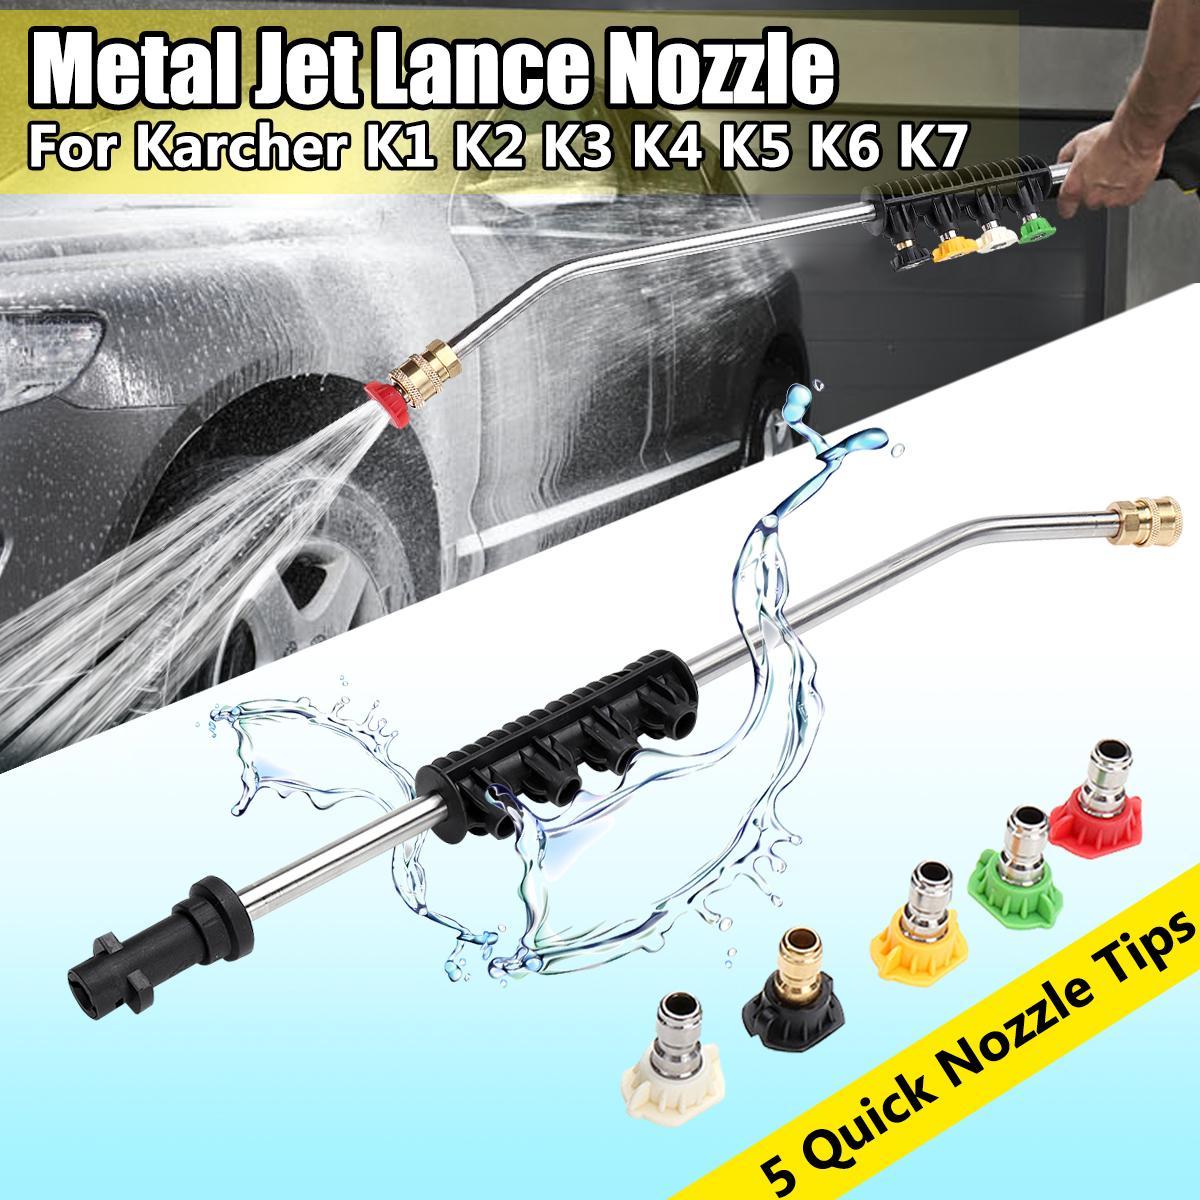 8a6bc3236825d Satın Al Araba Yıkama Metal Jet Lance Meme 5 Hızlı Memesi Ipuçları Ile  Karcher K1 K2 K3 K4 K5 K6 K7 Yüksek Basınçlı Oto Araç Yıkama, $27.34    DHgate.Com'da